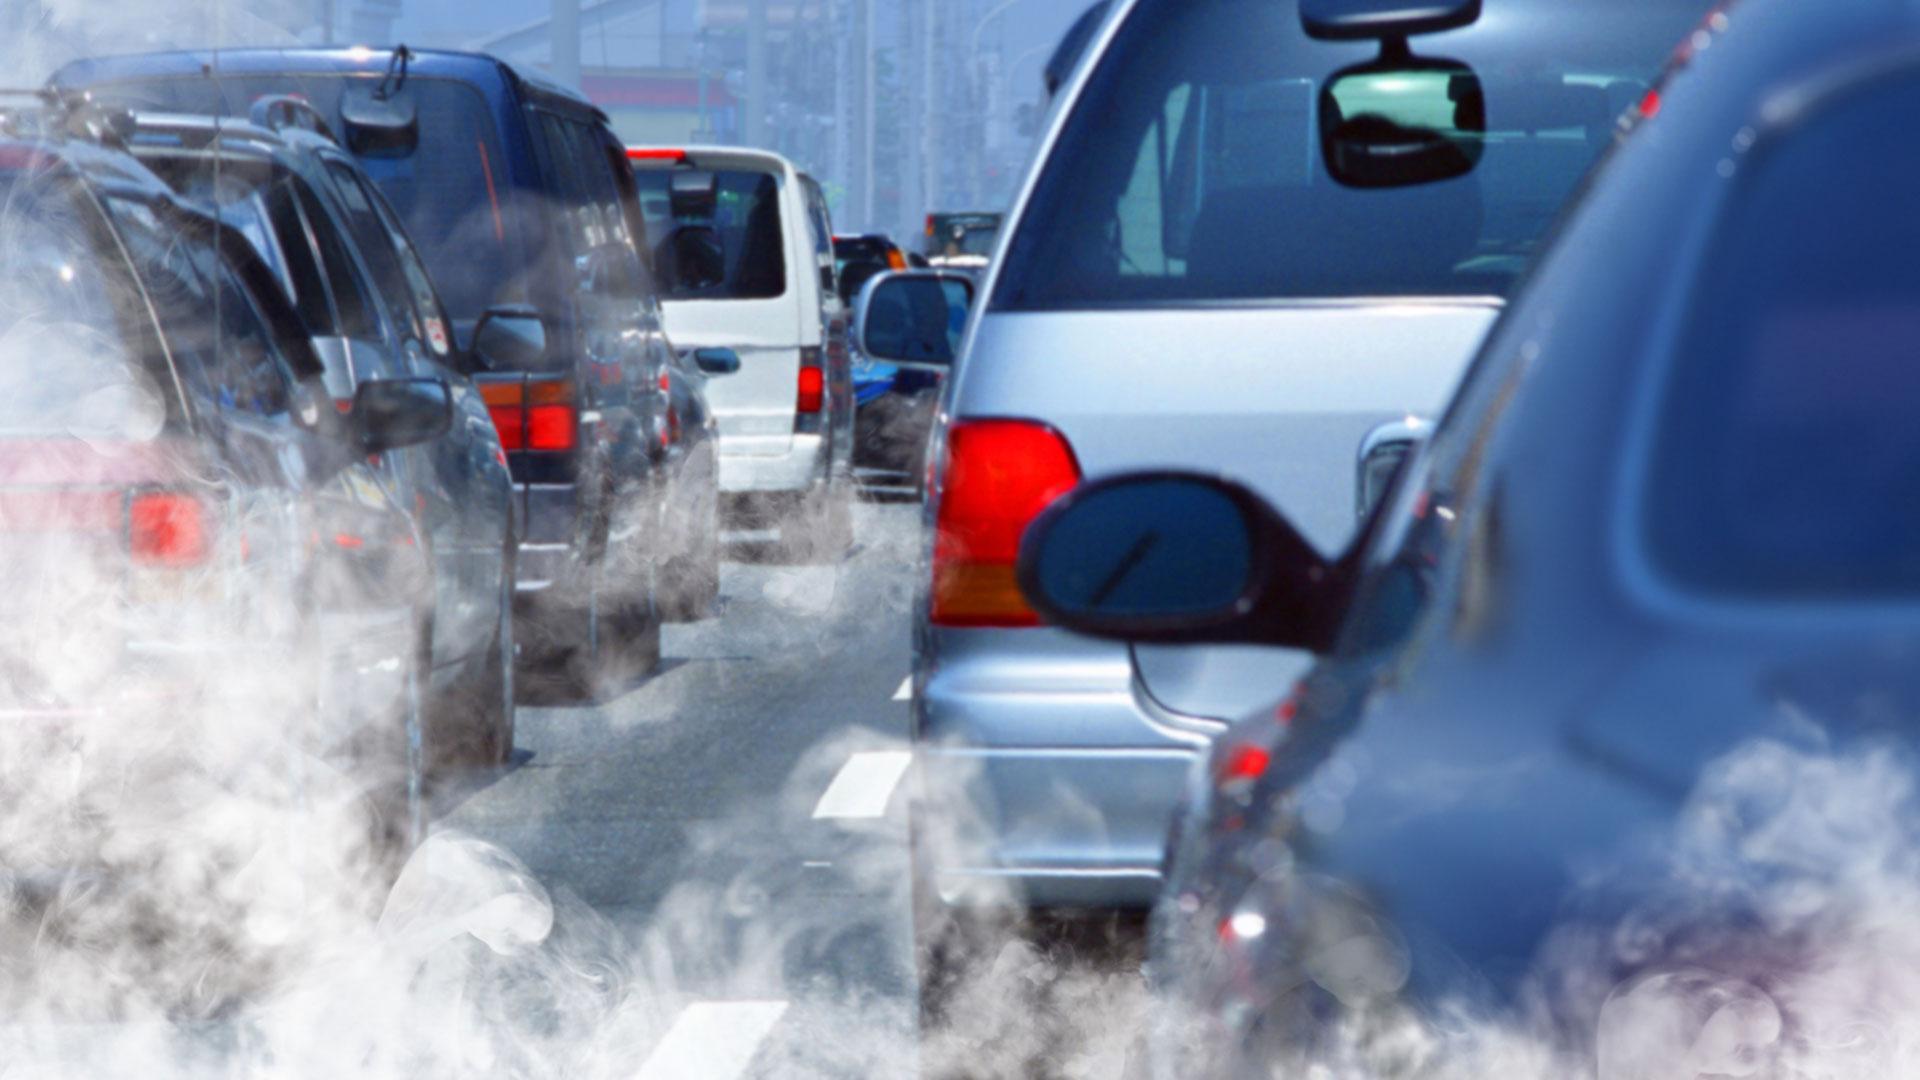 Quels peuvent être les impacts des polluants émanant des voitures sur la santé et l'environnement ?